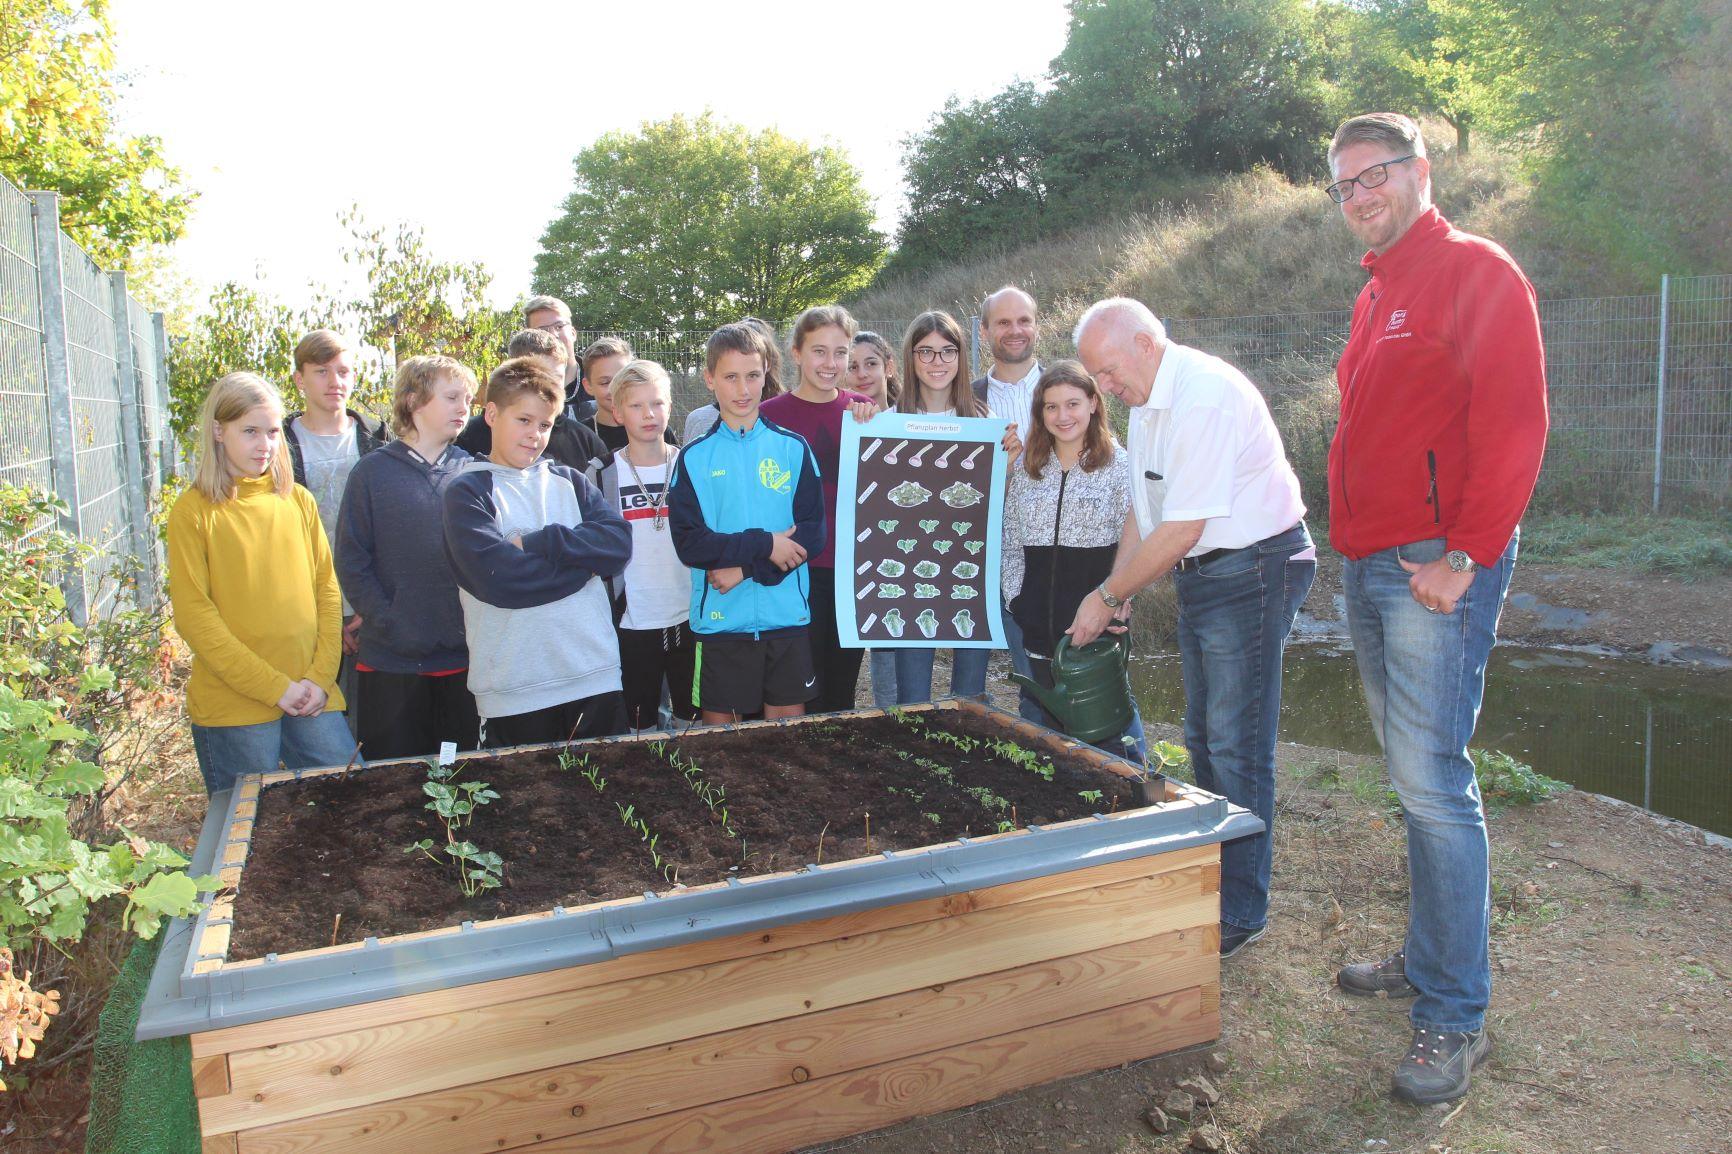 netzwerk natur- Übergabe des PflanzenWelten Hochbeetes in Herborn (Foto: Comenius-Schule)